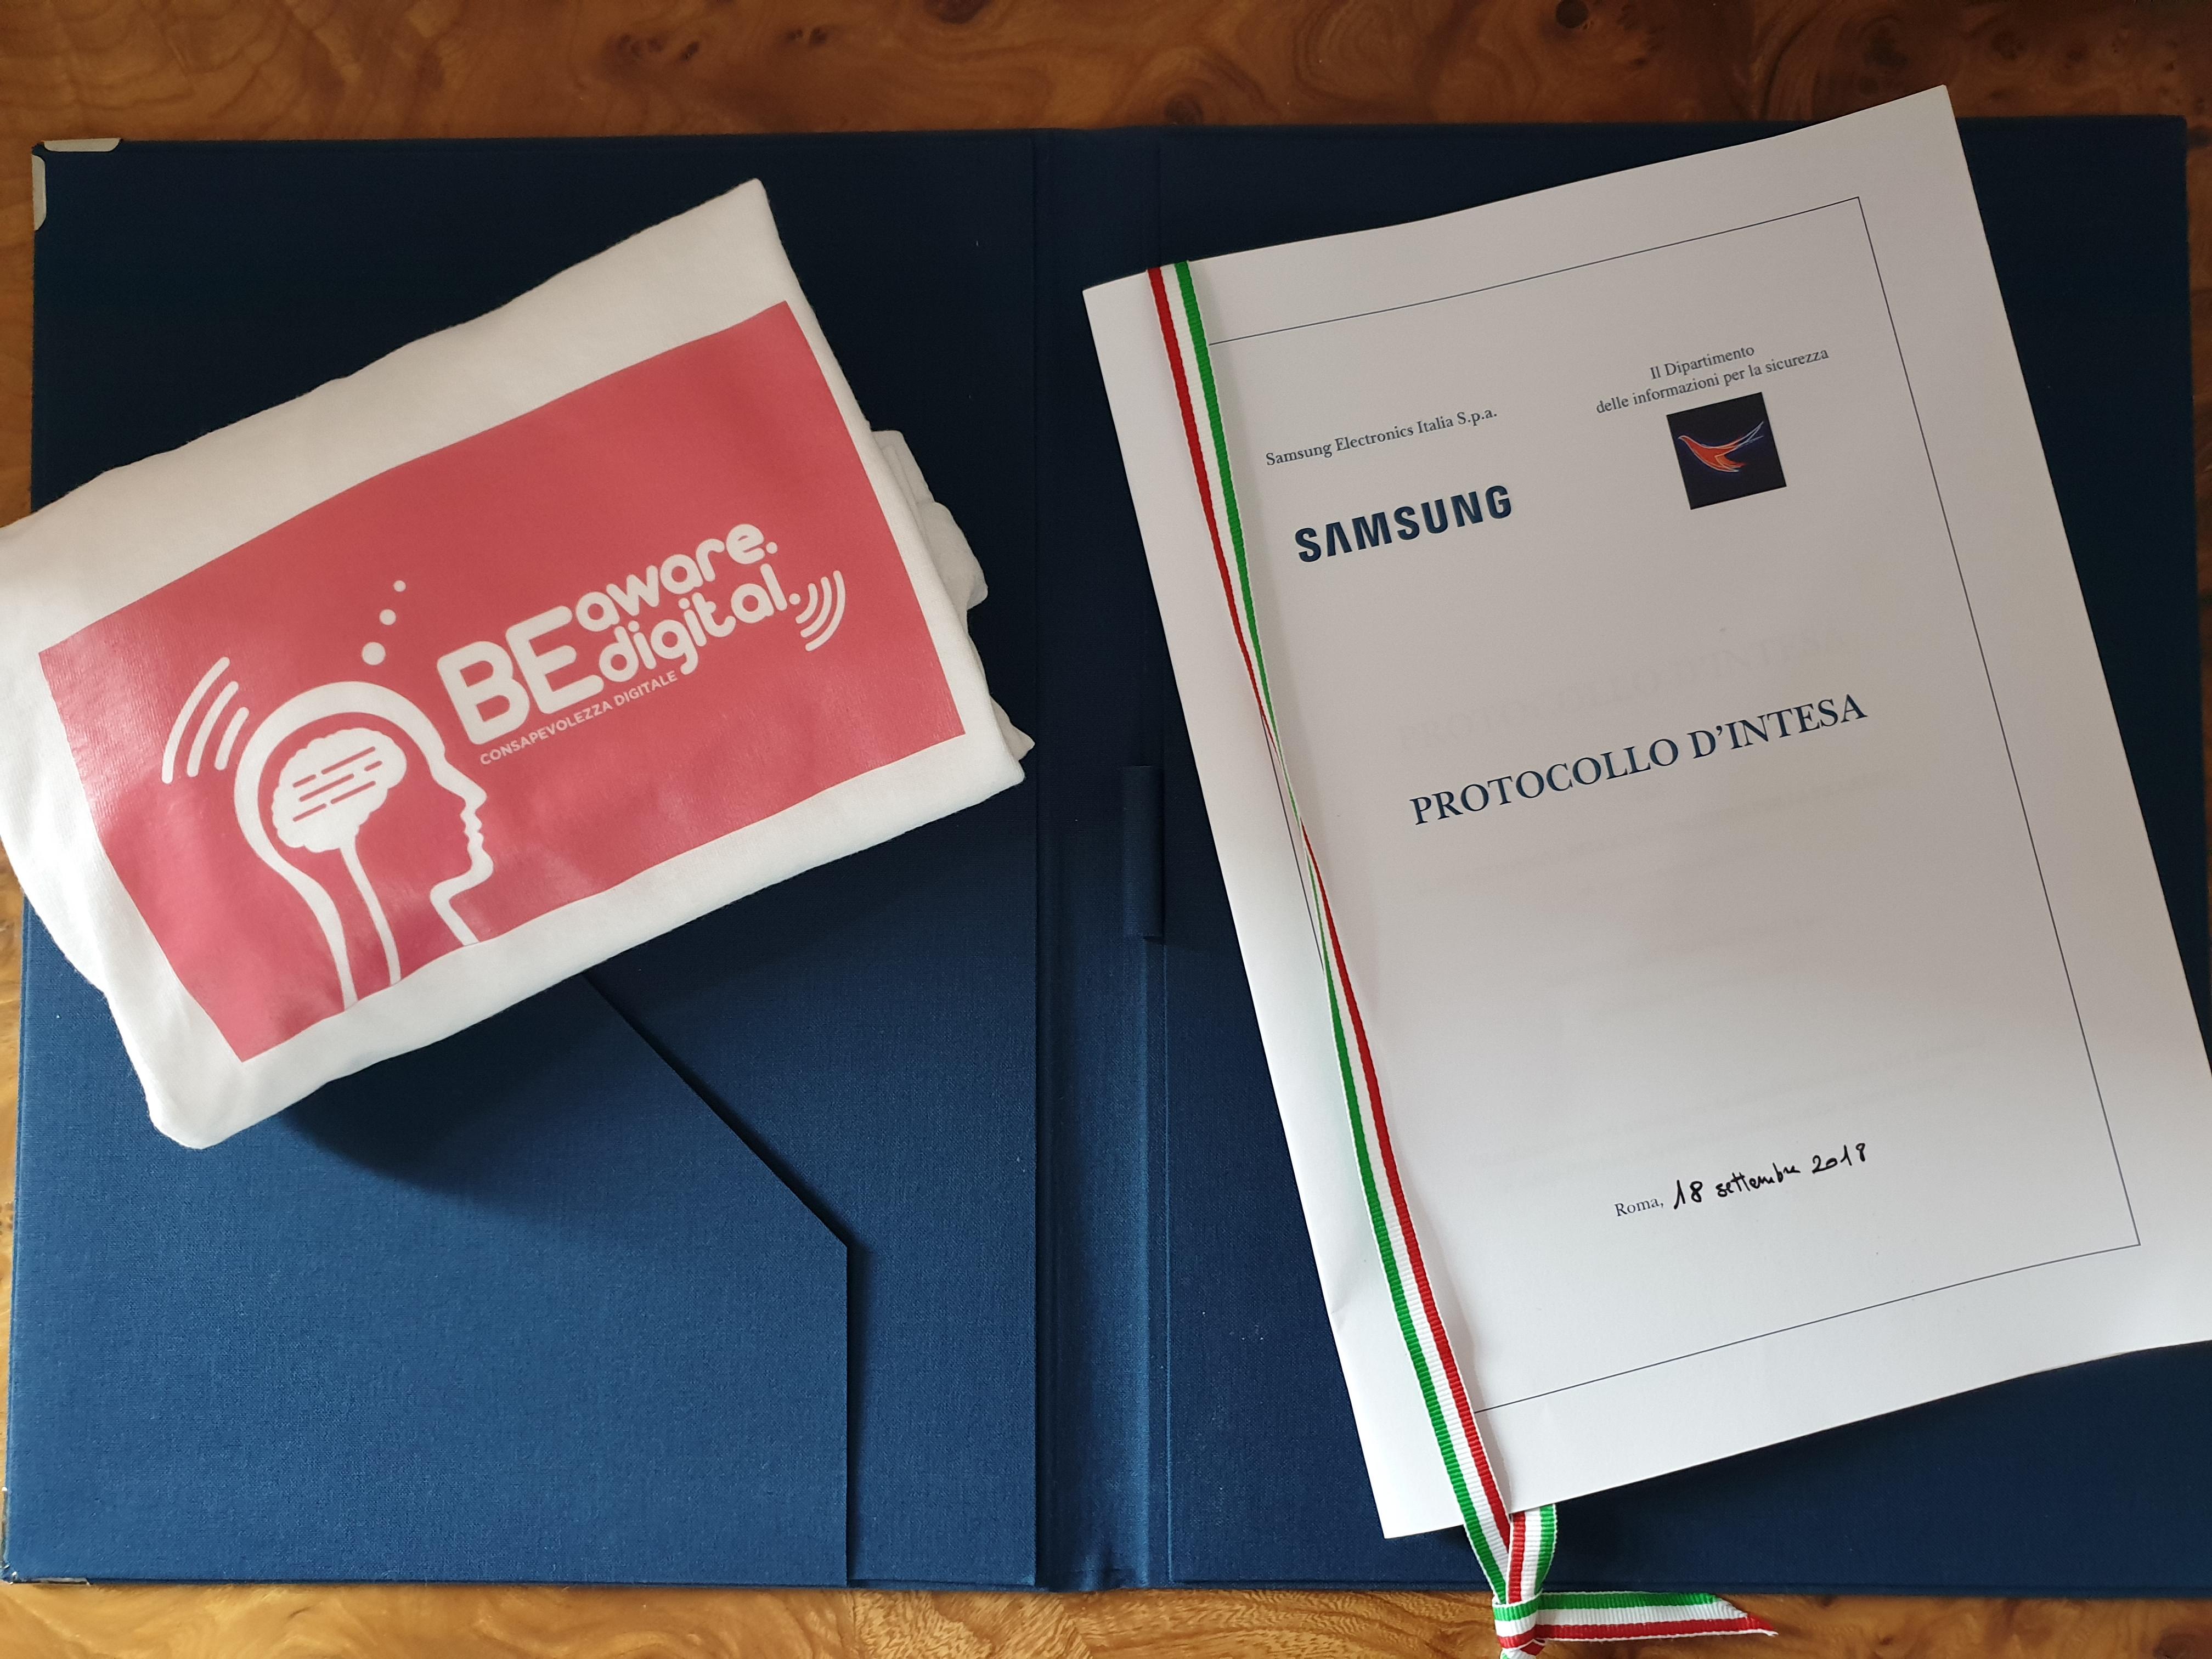 Sicurezza informatica: Samsung e DIS firmano il nuovo protocollo thumbnail